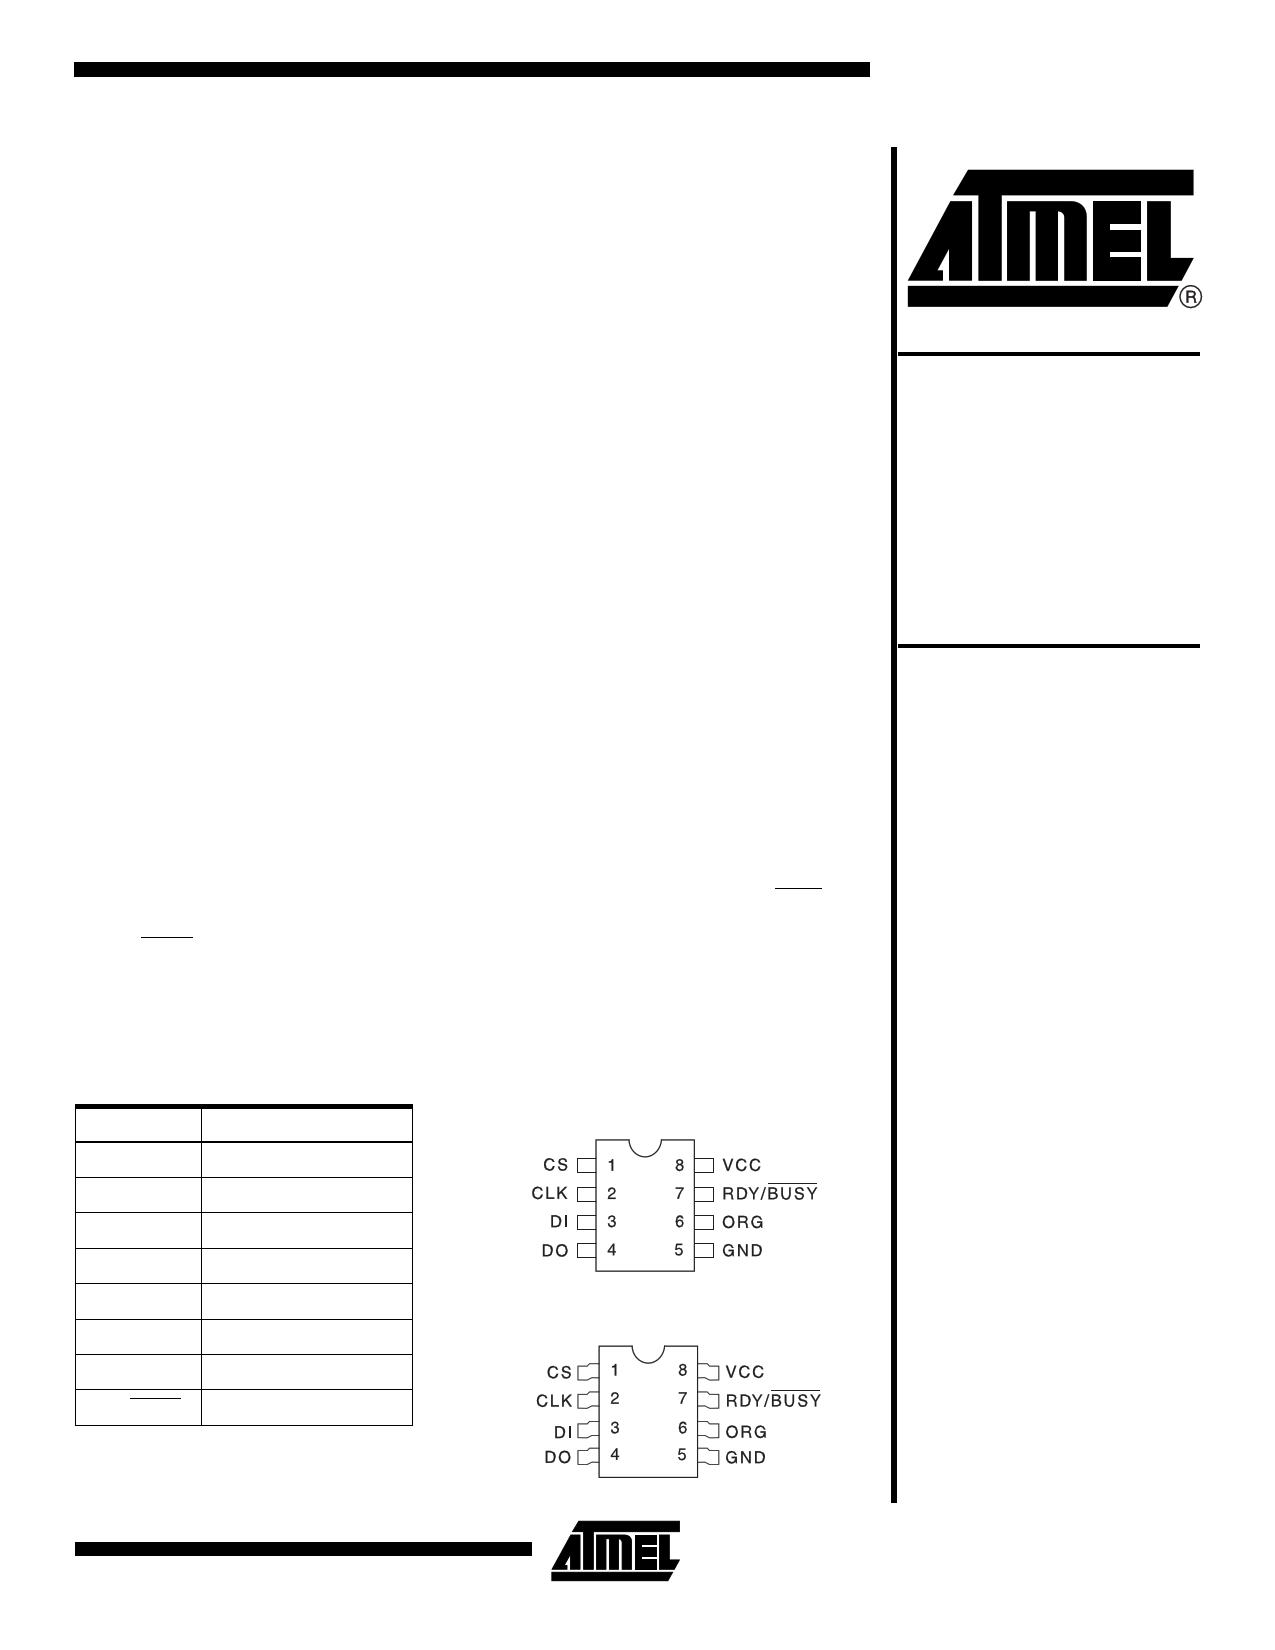 AT59C11-10PI Datasheet, AT59C11-10PI PDF,ピン配置, 機能